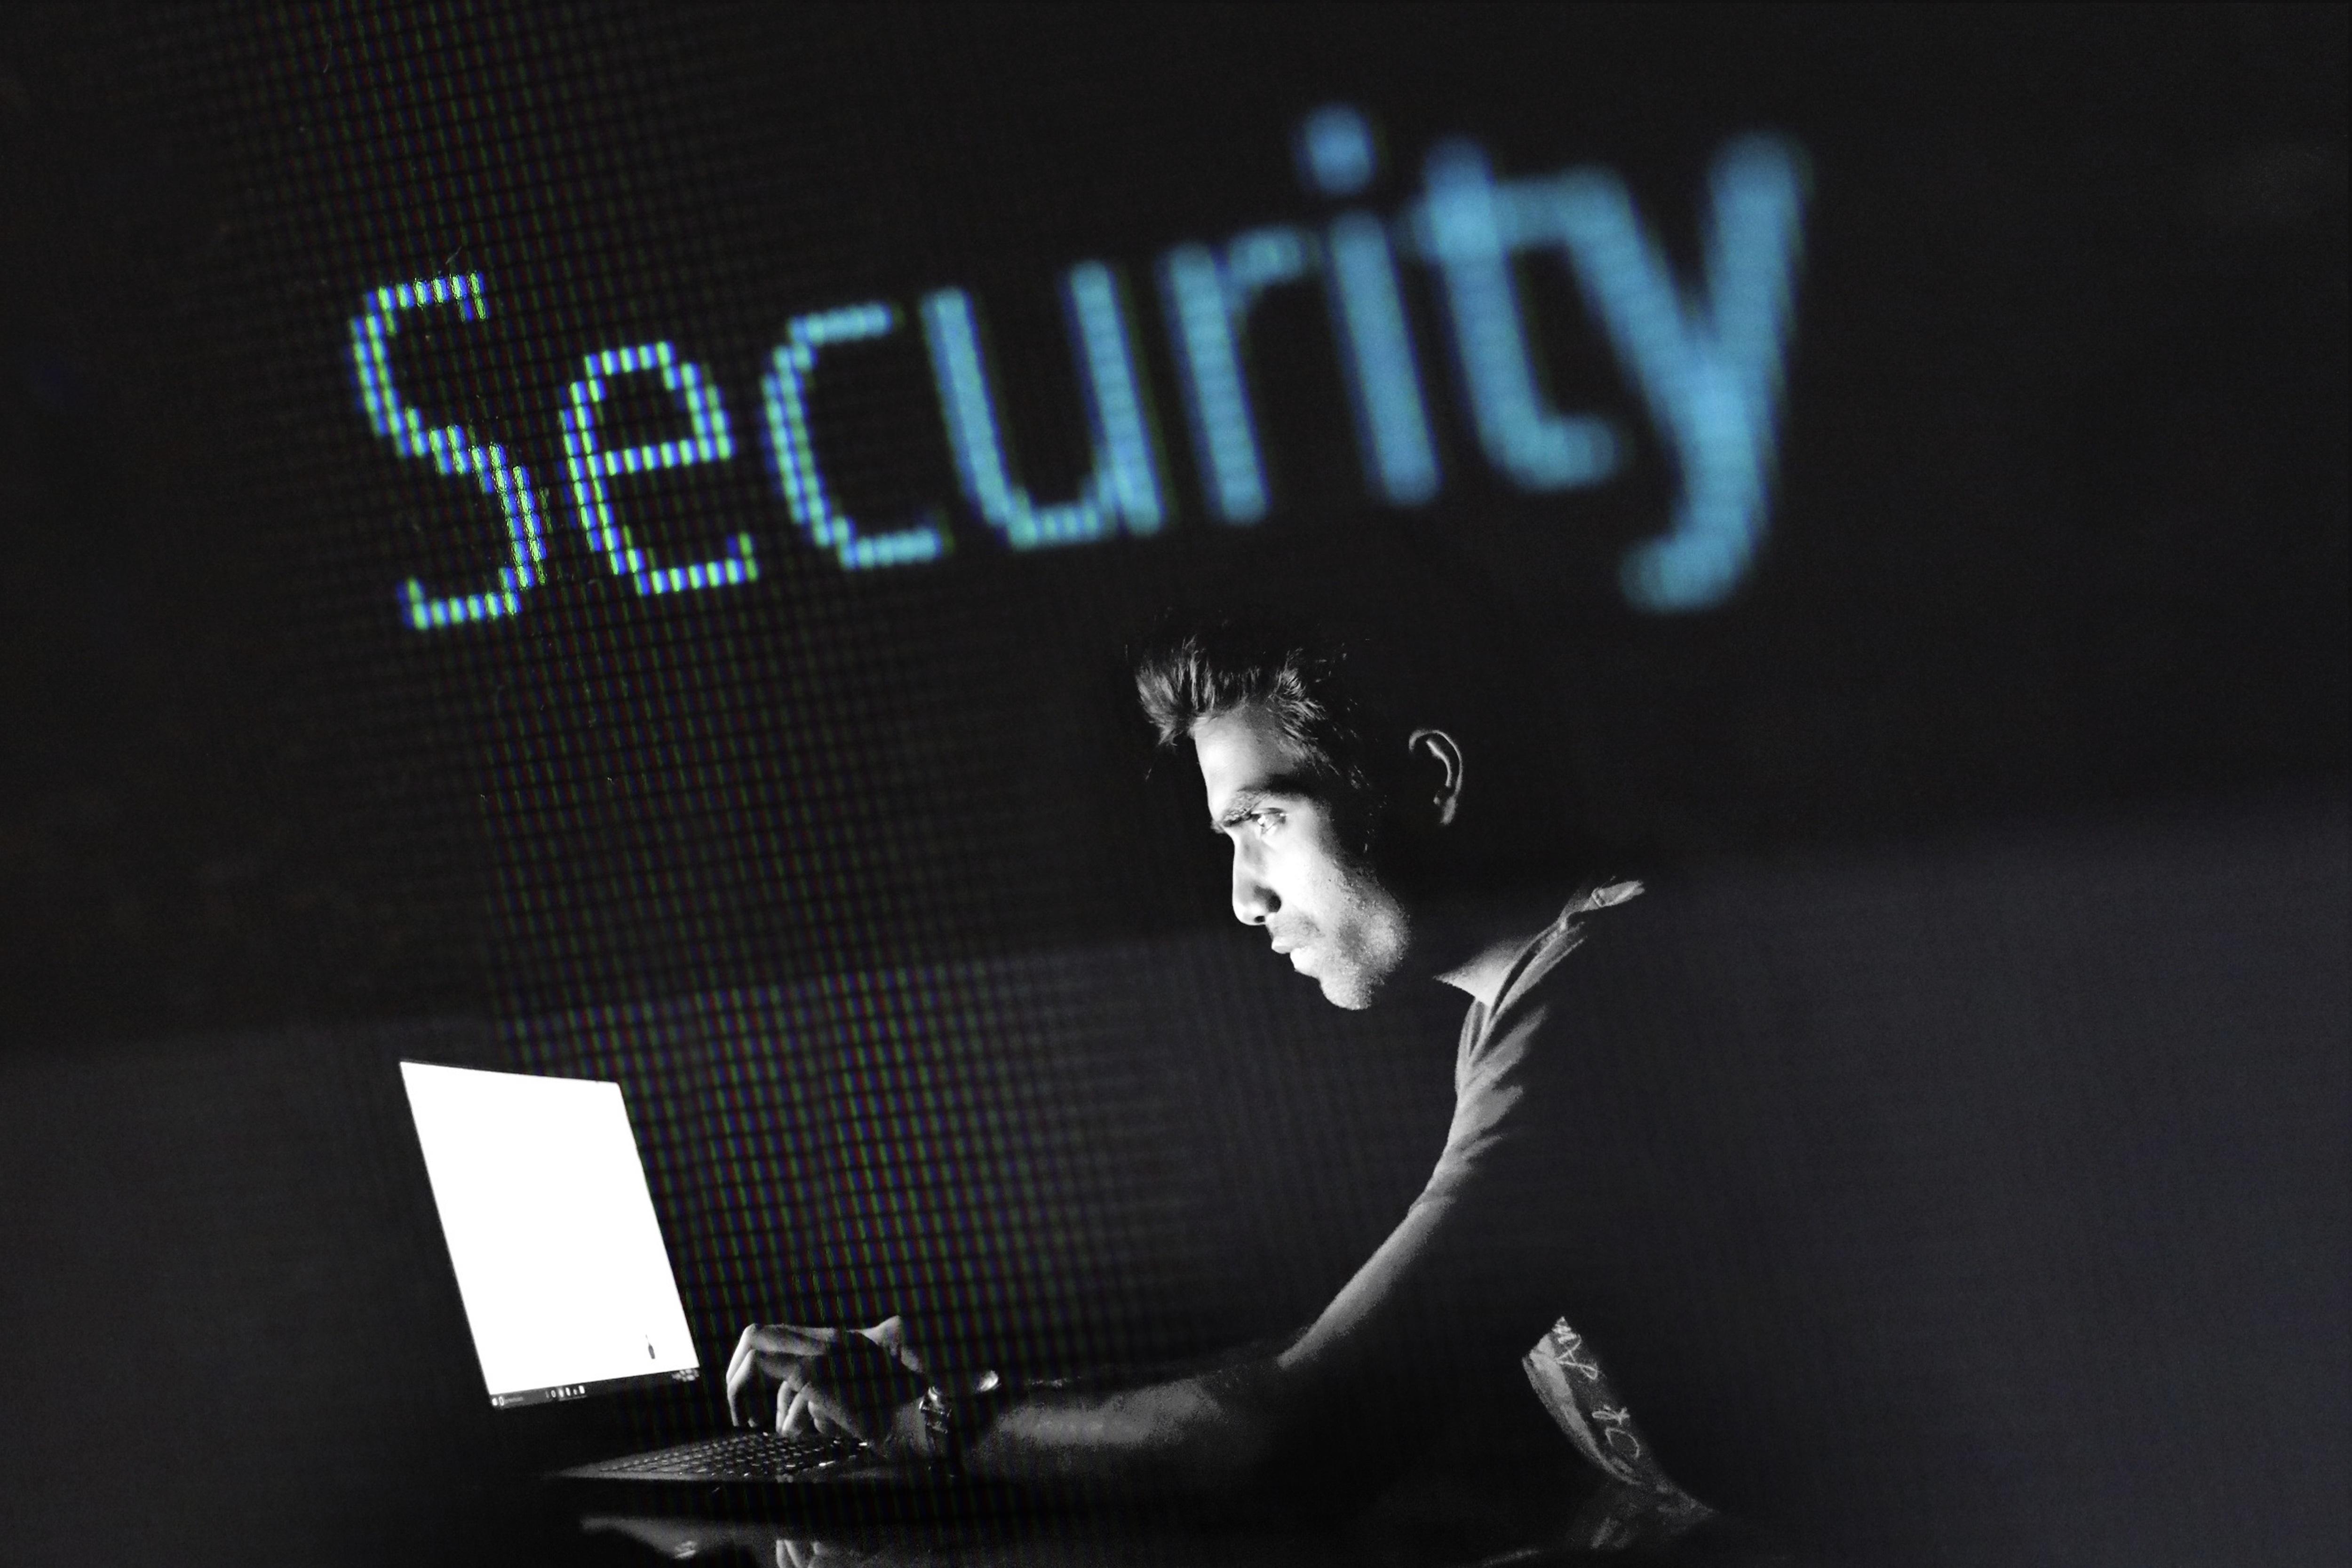 資料庫門戶大開 2億多中國人履歷遭外洩